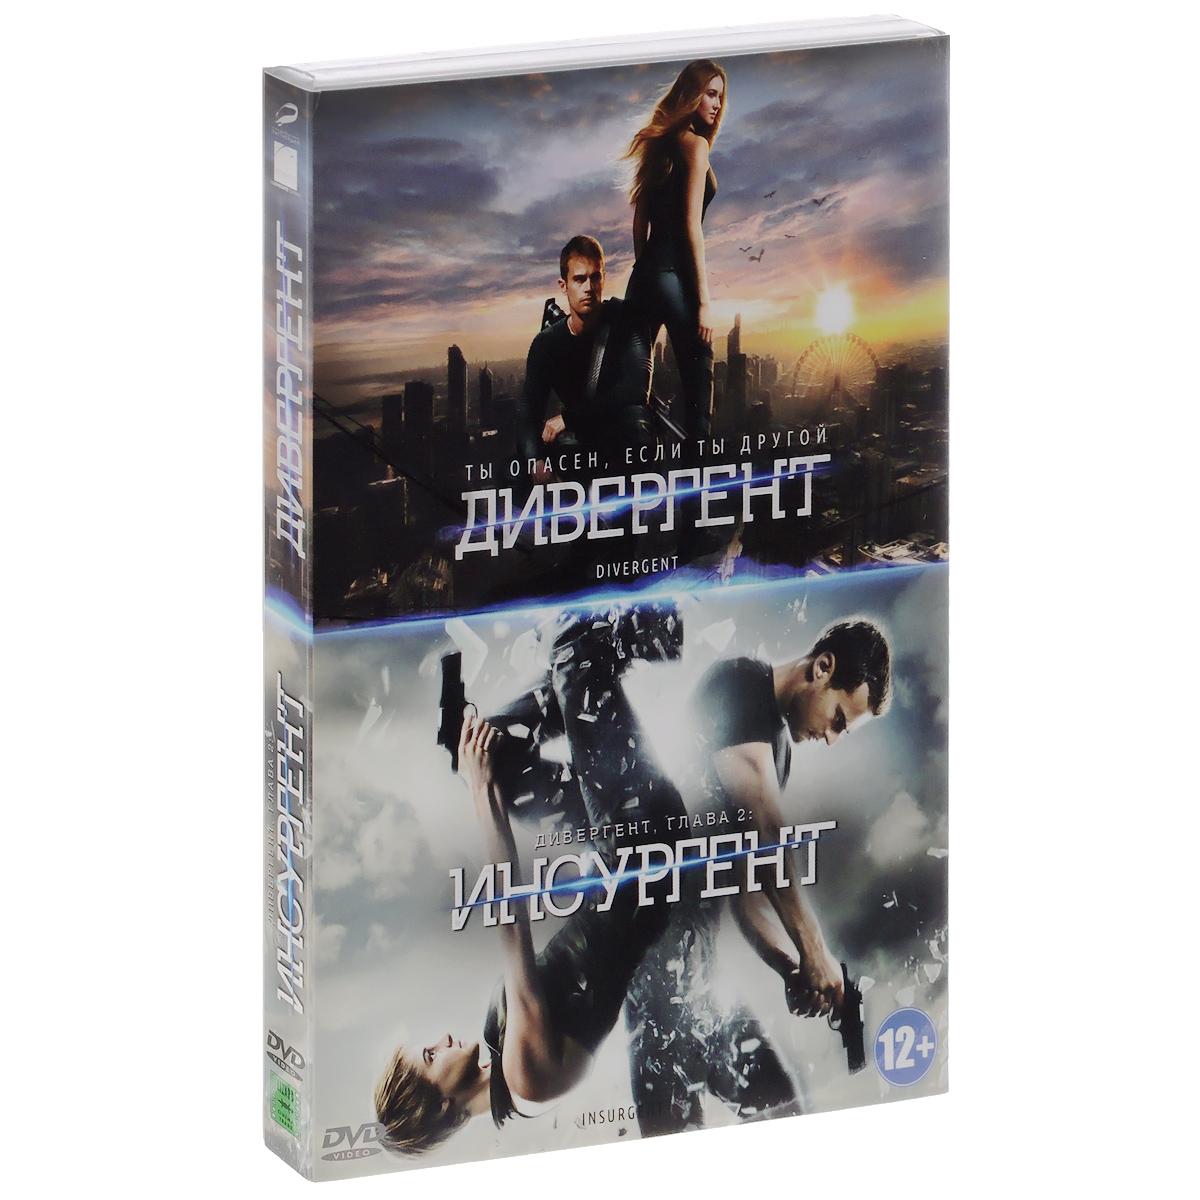 Дивергент / Дивергент: Глава 2: Инсургент (2 DVD)